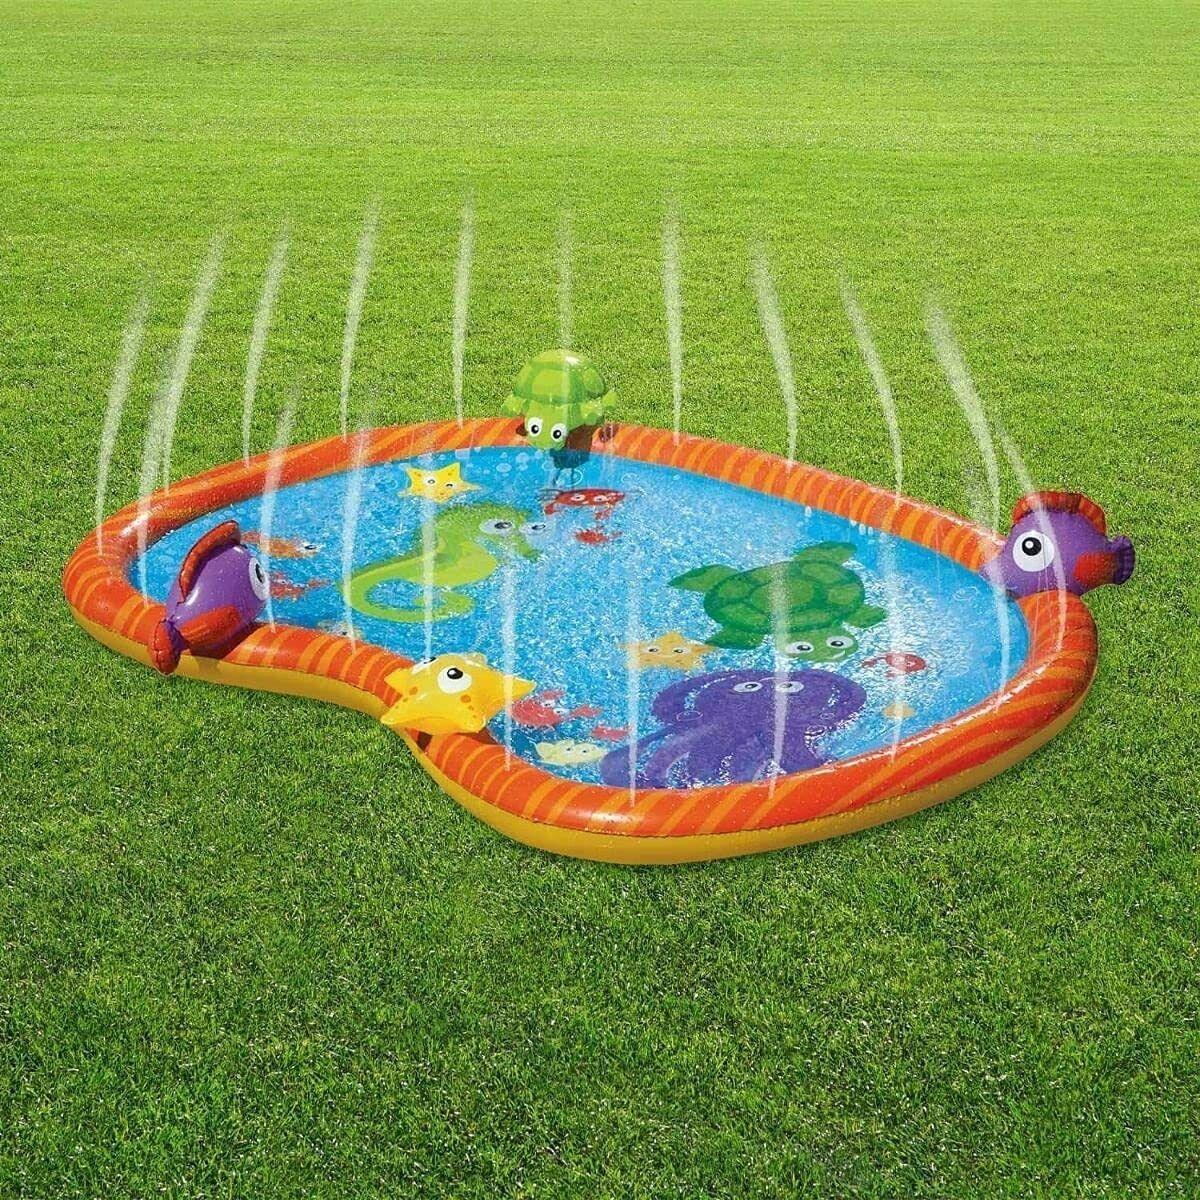 CKB - Opblaasbare Sea Life Zwembad - Met watersproeier - speelmat peuterbad